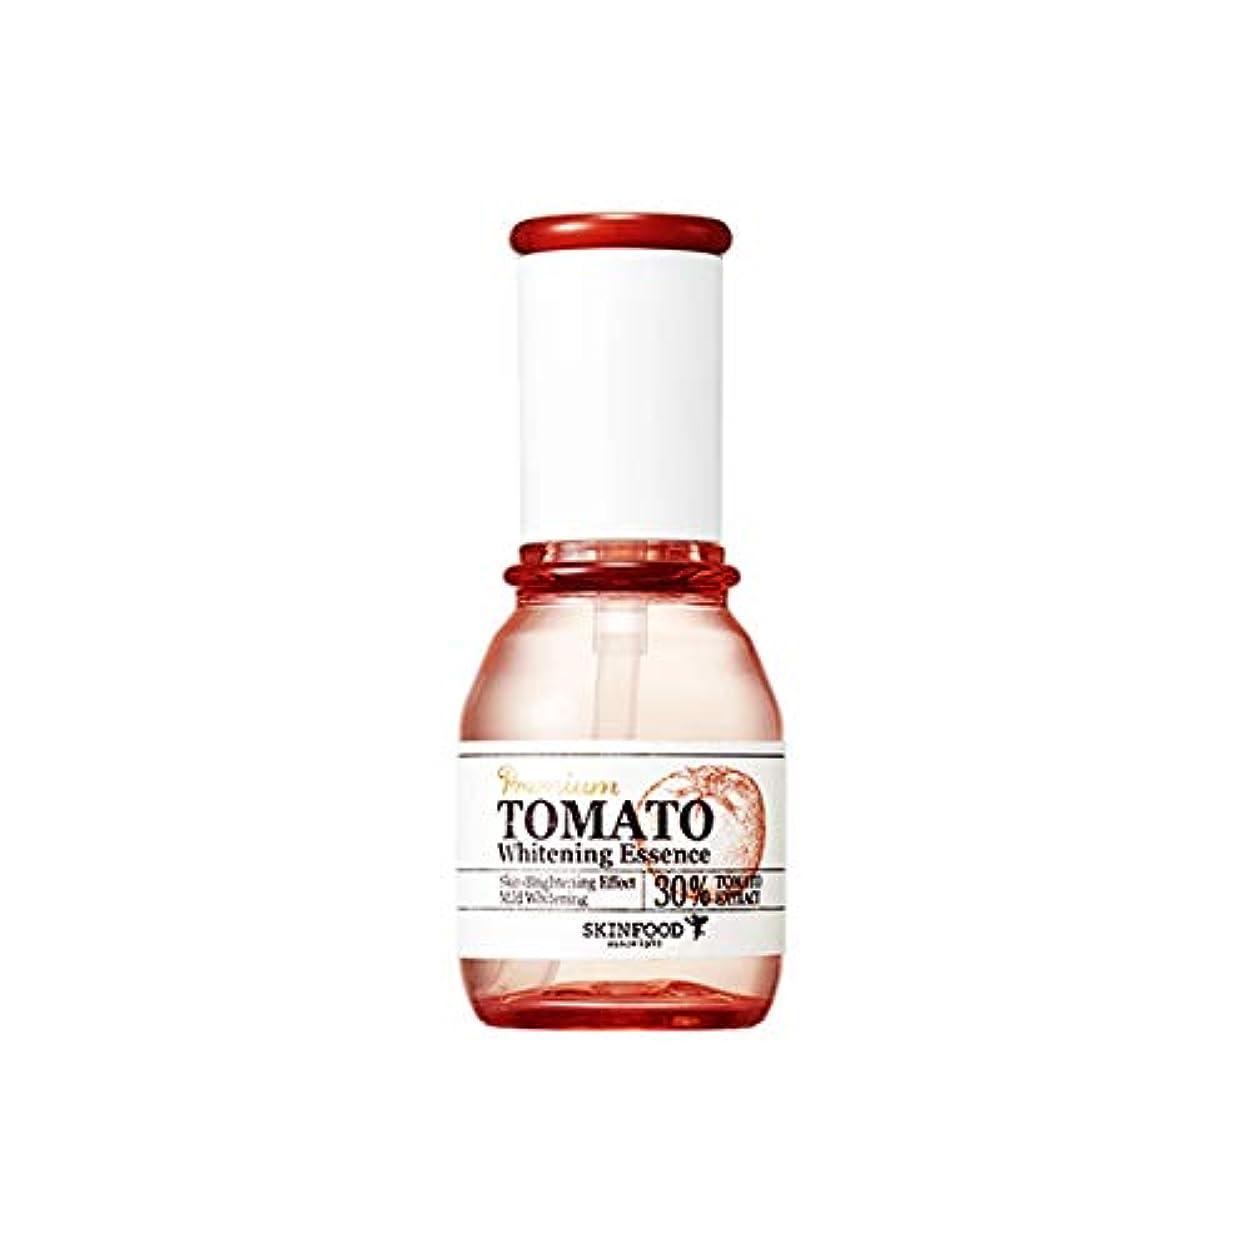 レベル貴重なクラブSkinfood プレミアムトマトホワイトニングエッセンス(美白効果) / Premium Tomato Whitening Essence (Skin-Brightening Effect)50ml [並行輸入品]